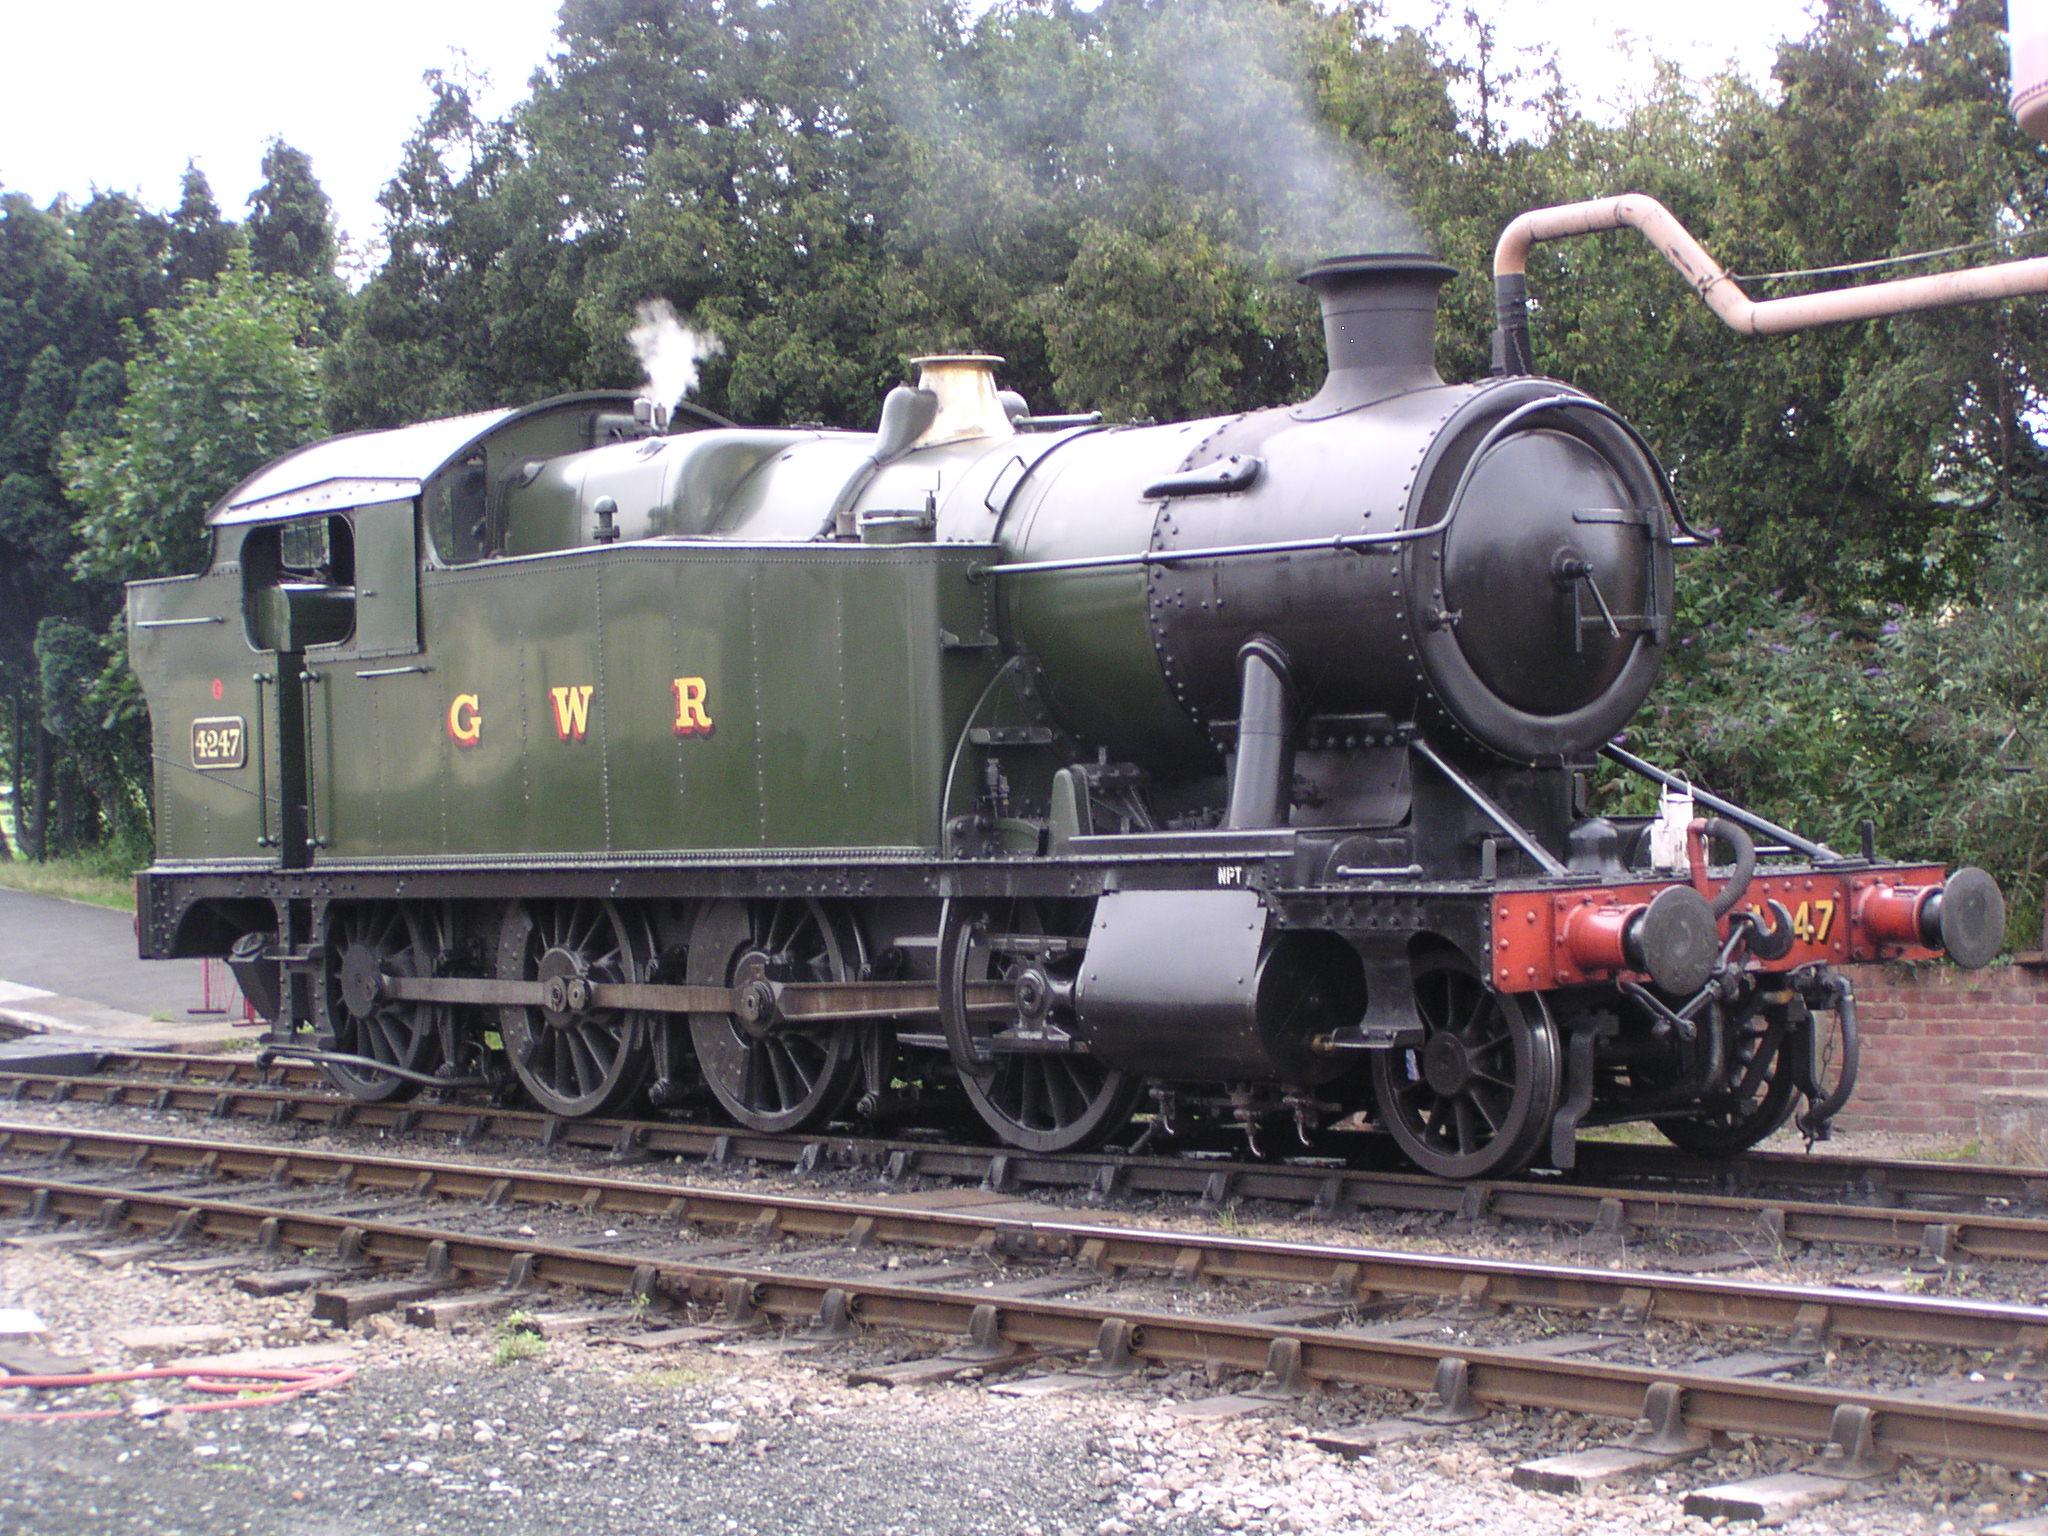 bodmin wenford steam train cornish pilgrimage